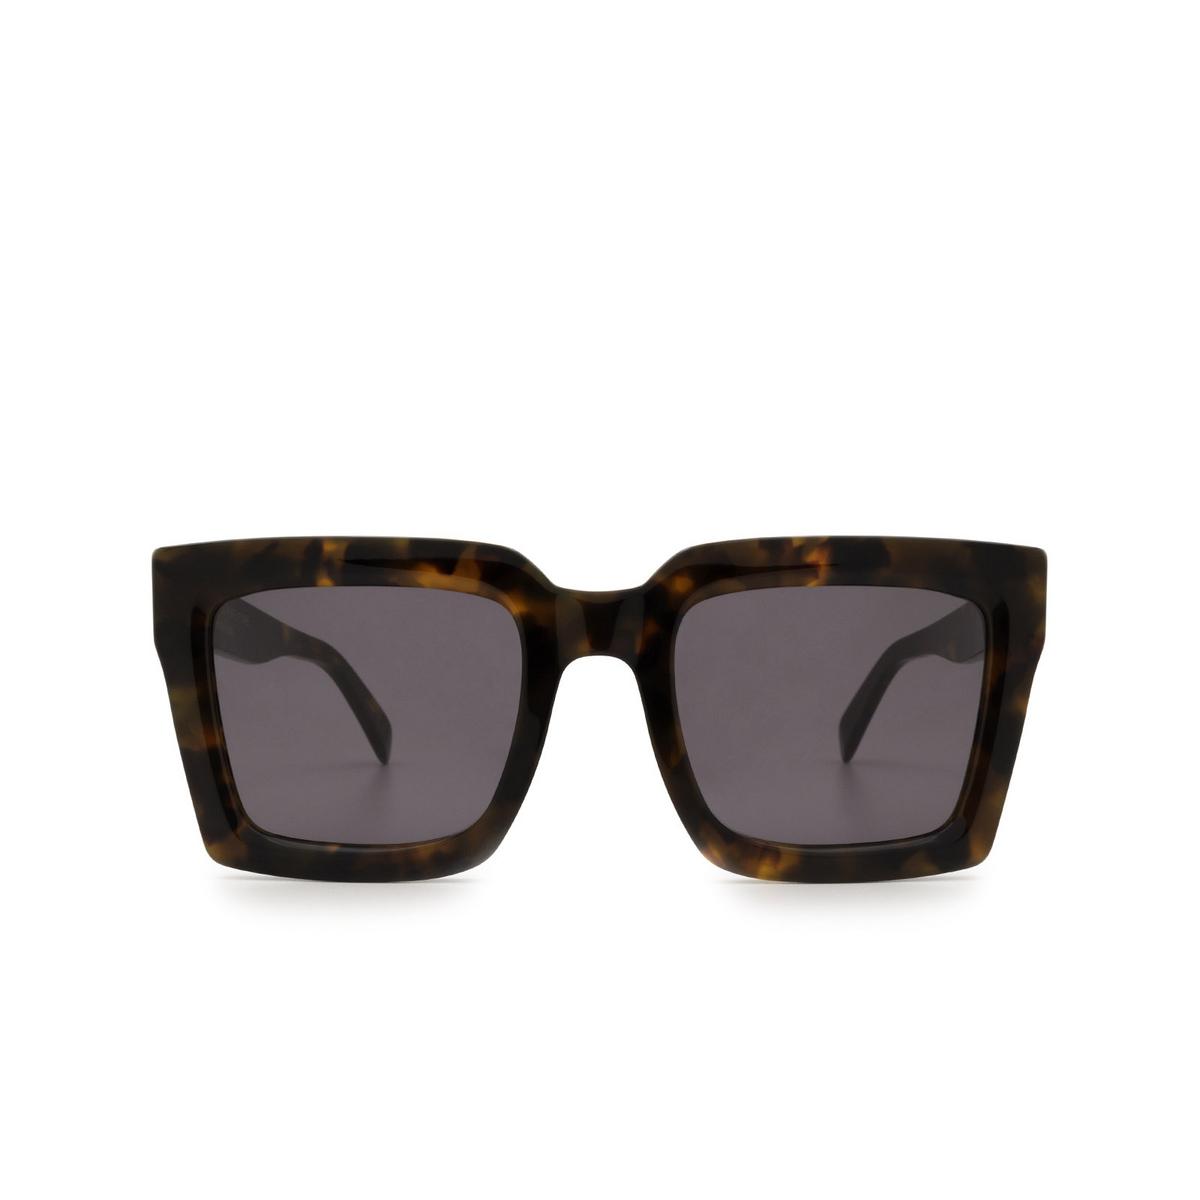 Retrosuperfuture® Square Sunglasses: Ancora color Classic Havana BX2 - front view.